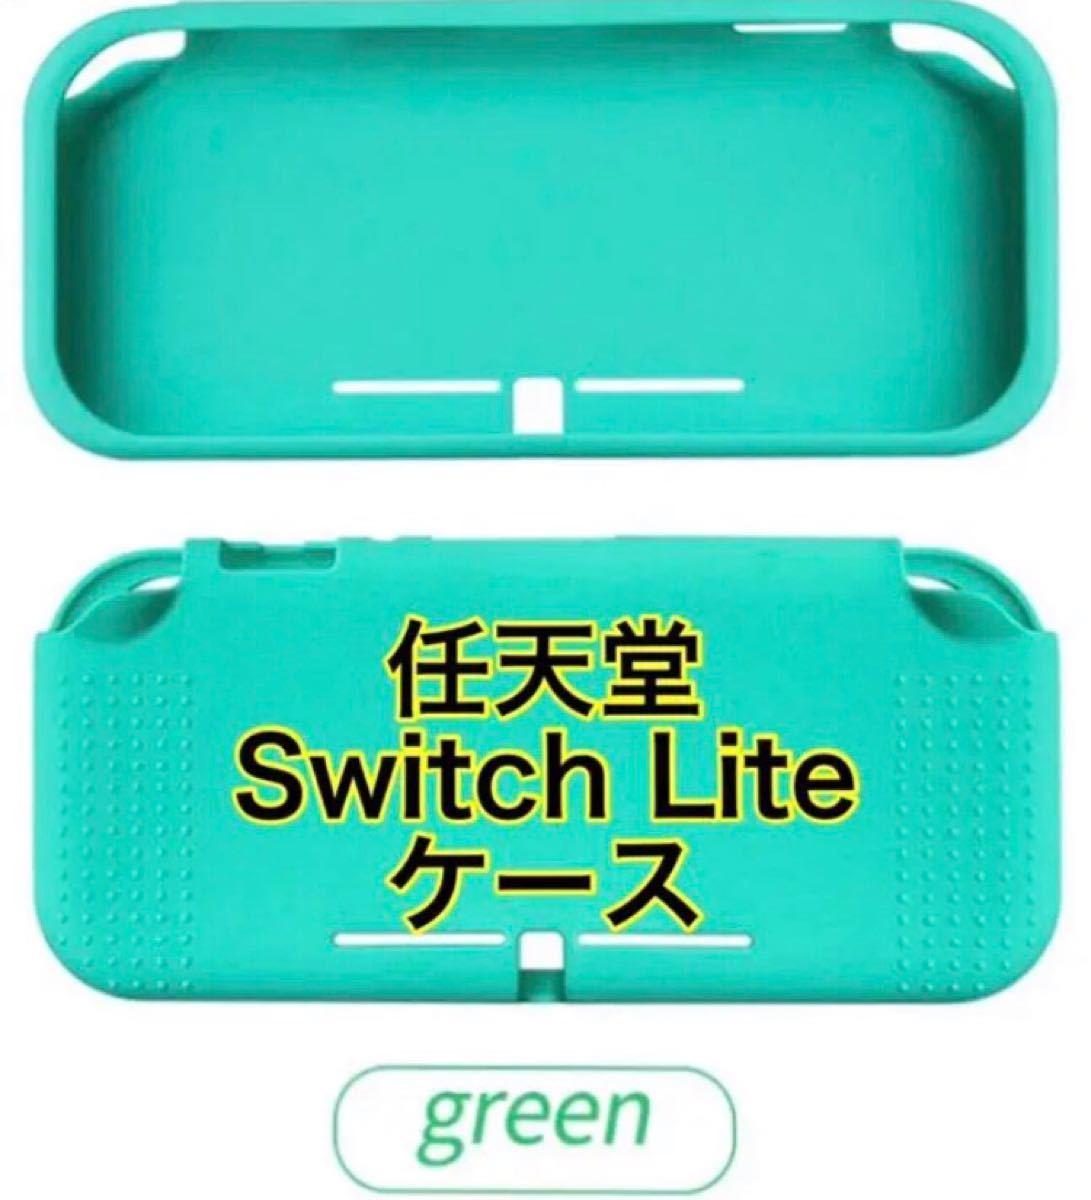 ニンテンドー スイッチライト Switch lite シリコンケース カバー